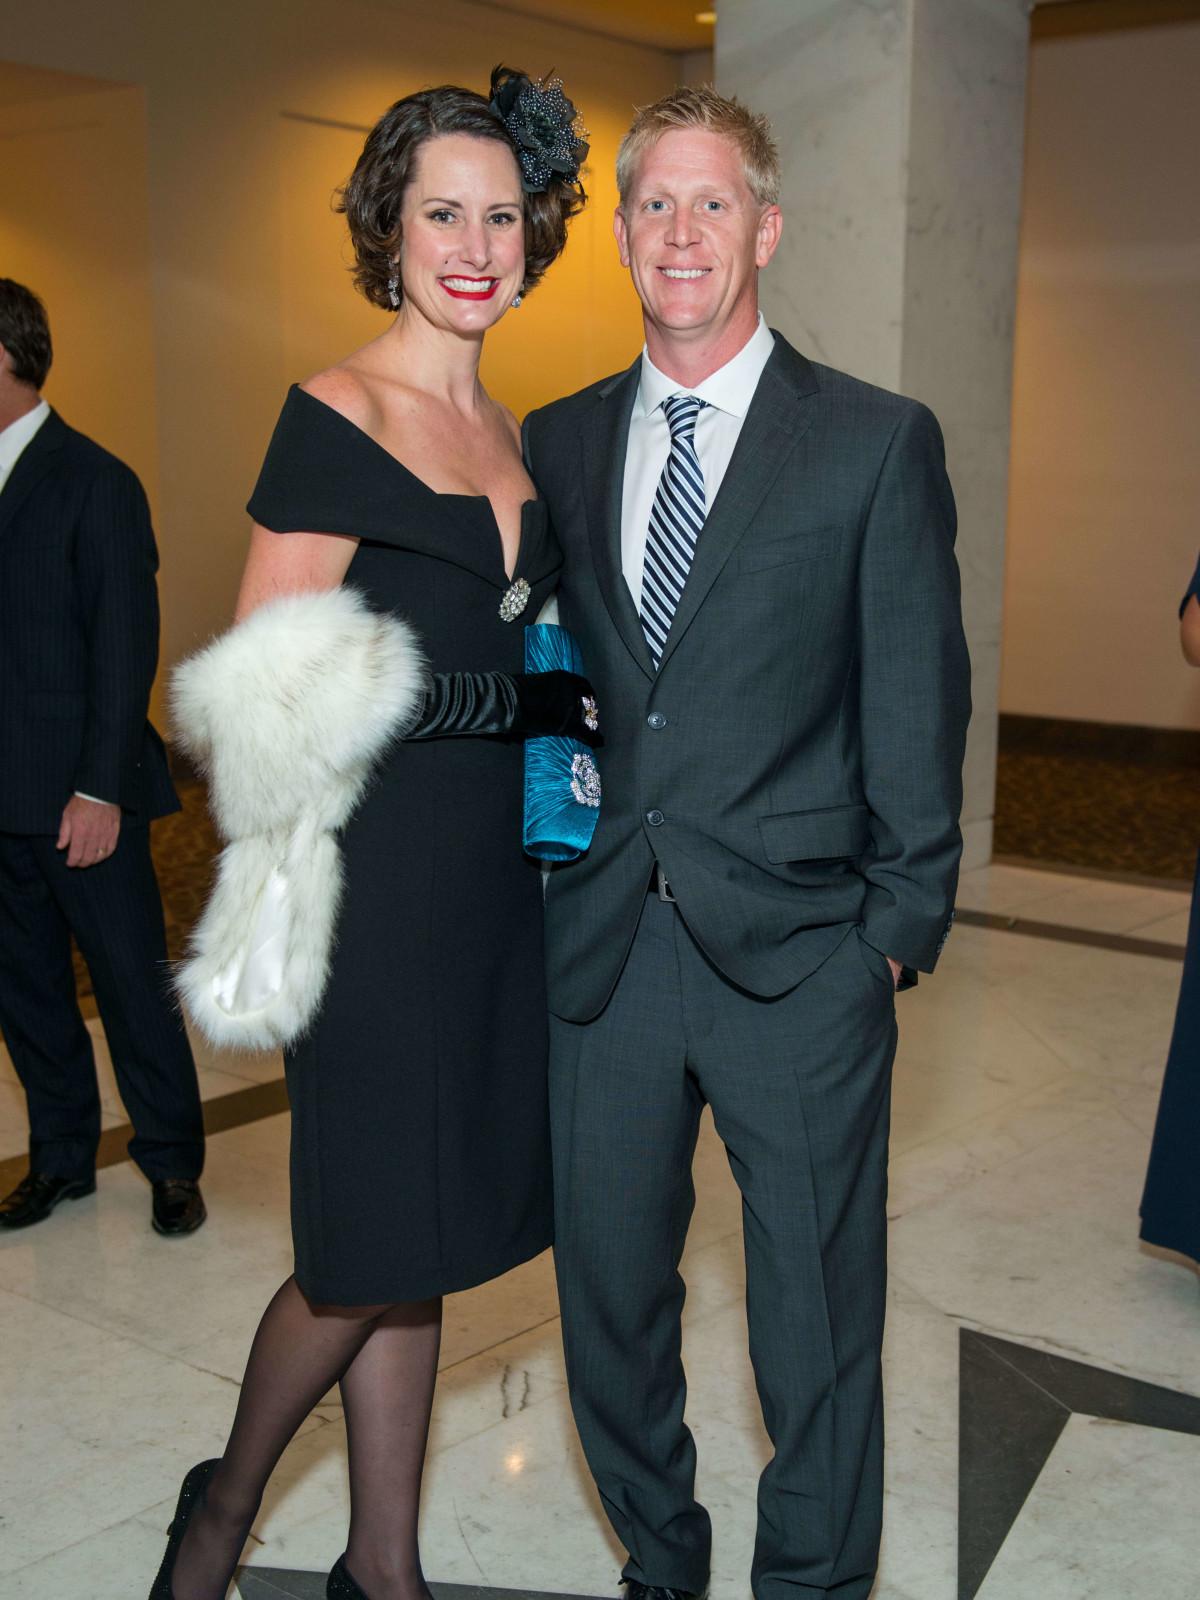 Elizabeth Baird, Michael Baird at Mission of Yahweh gala